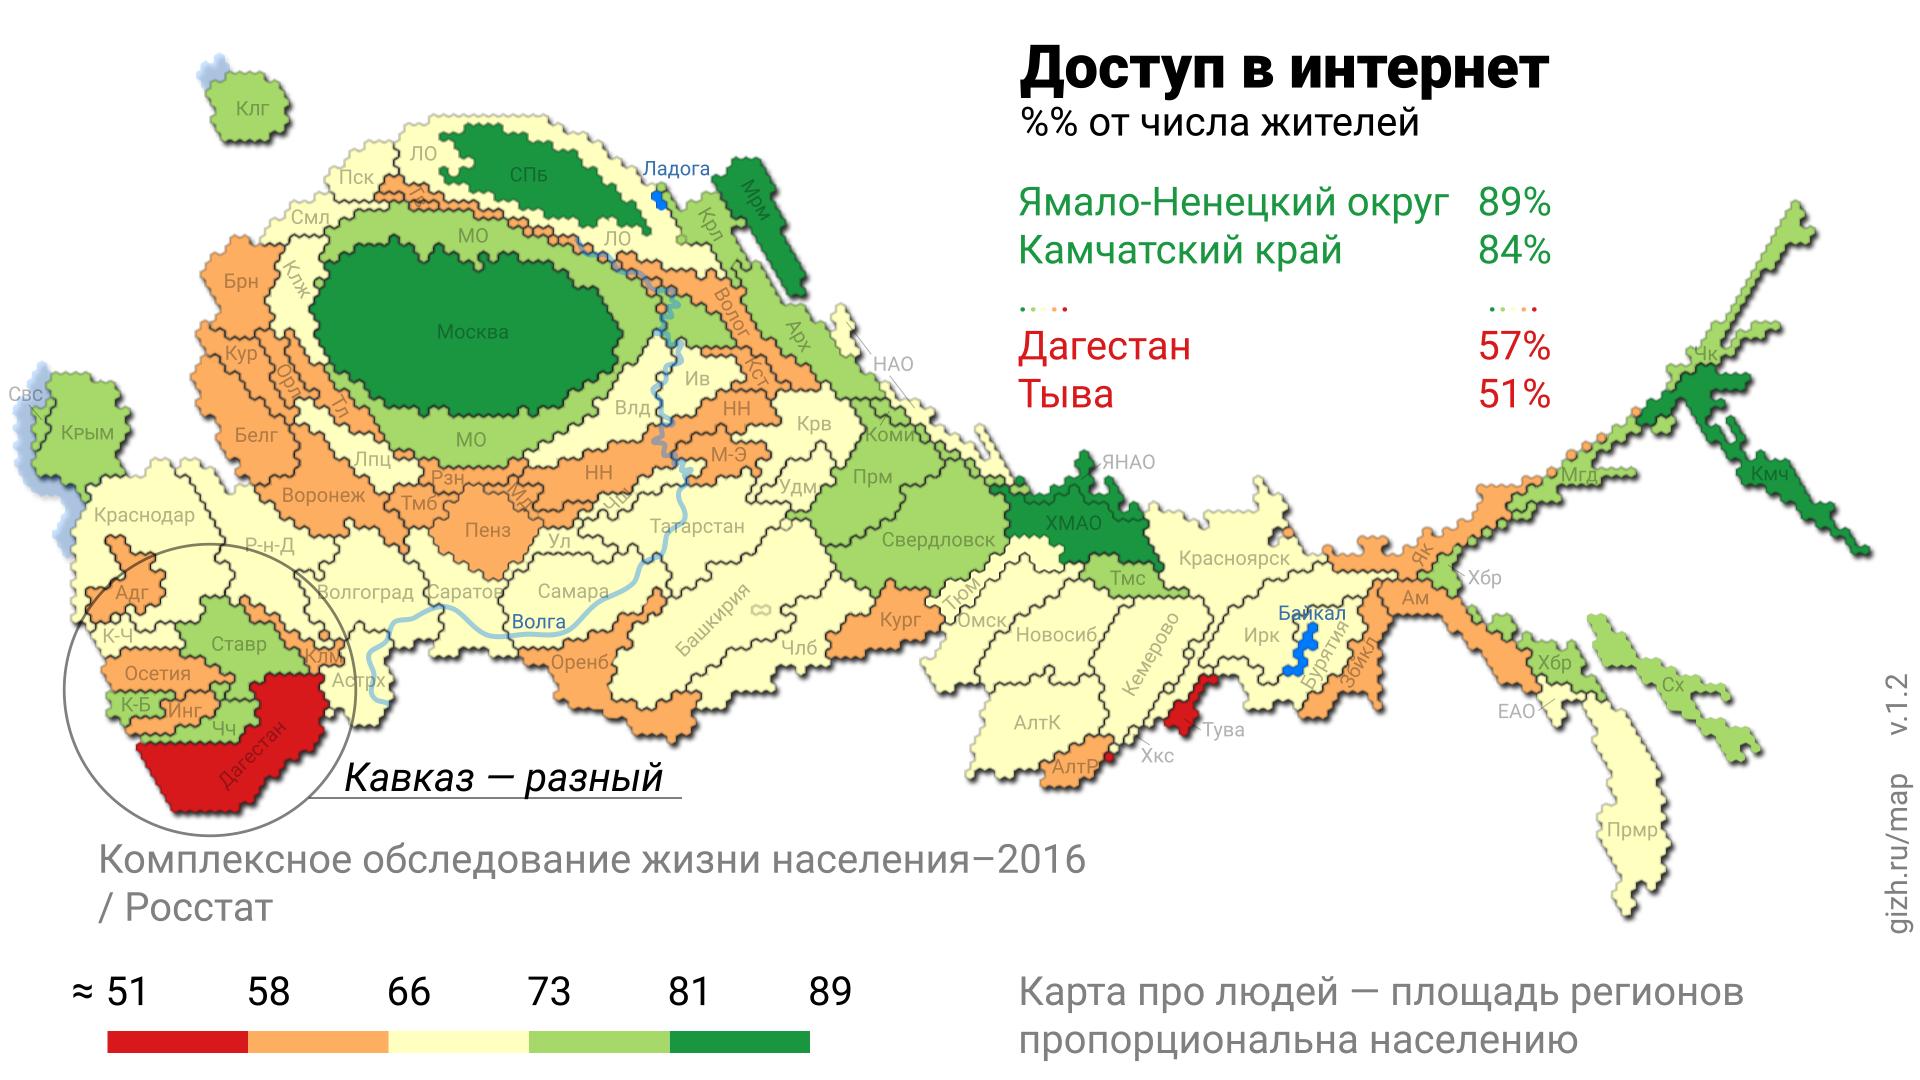 Карта процент жителей, имеющих доступ в интернет